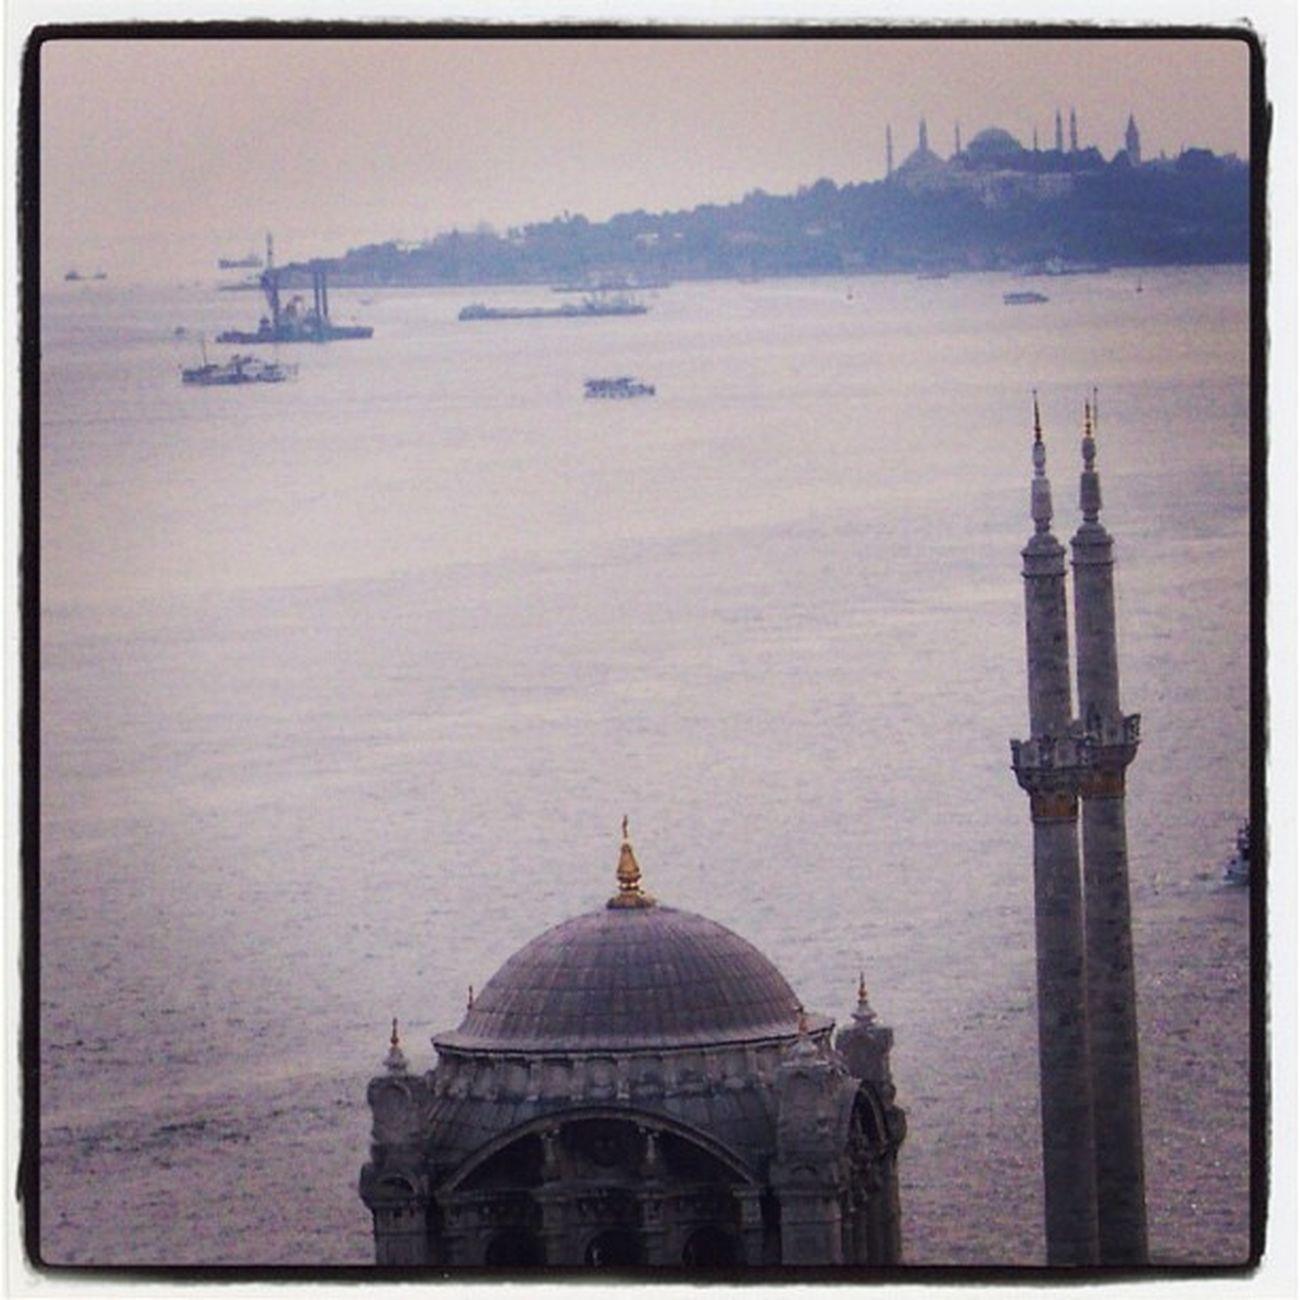 Instatags Instabest Instagramhub Instagramtagsdotcom Instamood Instagood Igers IGDaily Happy Igersturkey Best  Live Bestoftheday Picoftheday Picstitch  Photooftheday Istanbul Cami Turkey Landscape View Sky